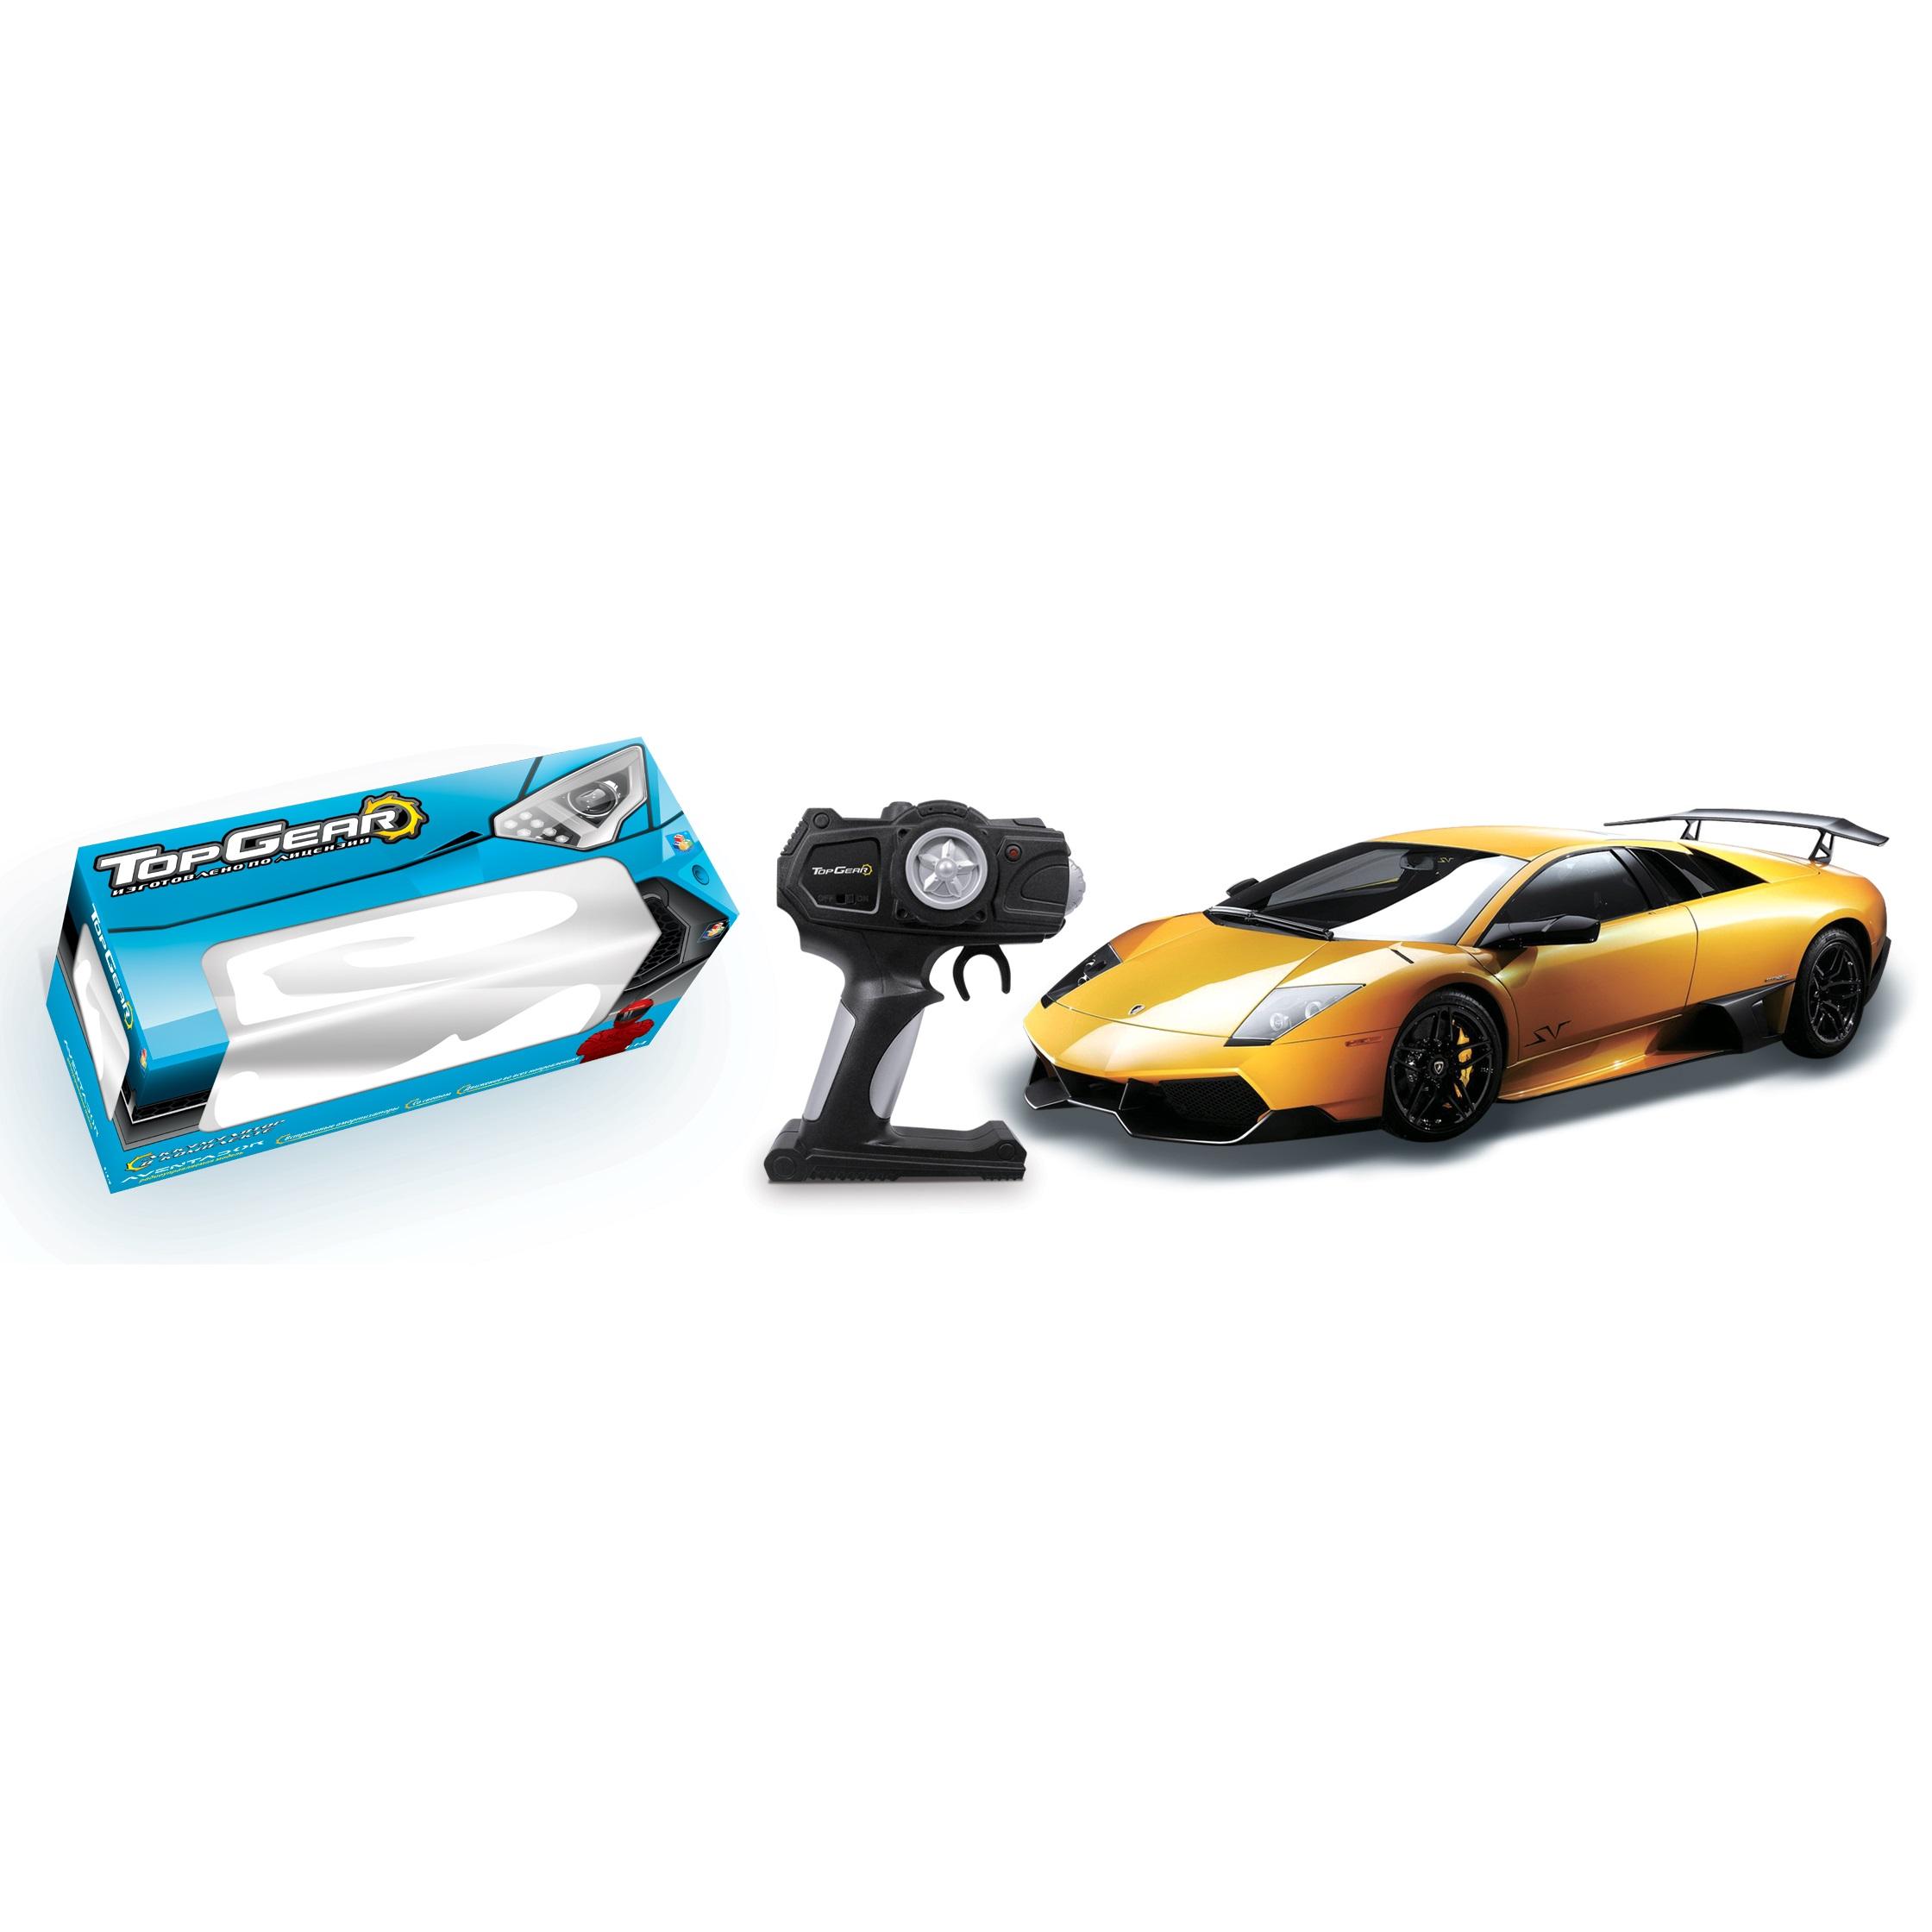 Радиоуправляемая модель 1-Toy 1 Toy Top Gear Lamborghini 670 (1:14)